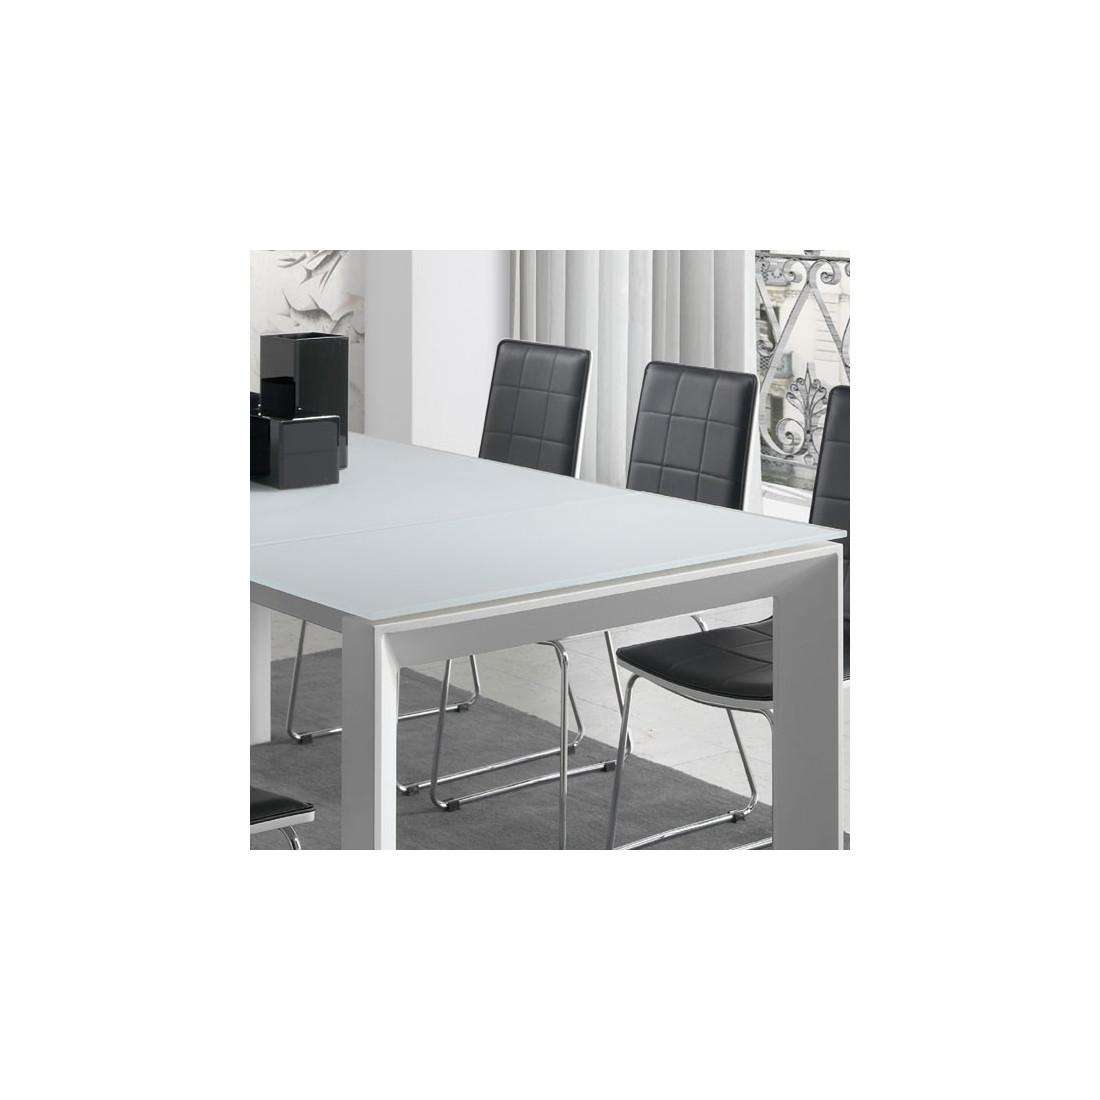 Table de repas allonge plateau verre givr blanc mista - Plateau de table blanc laque ...